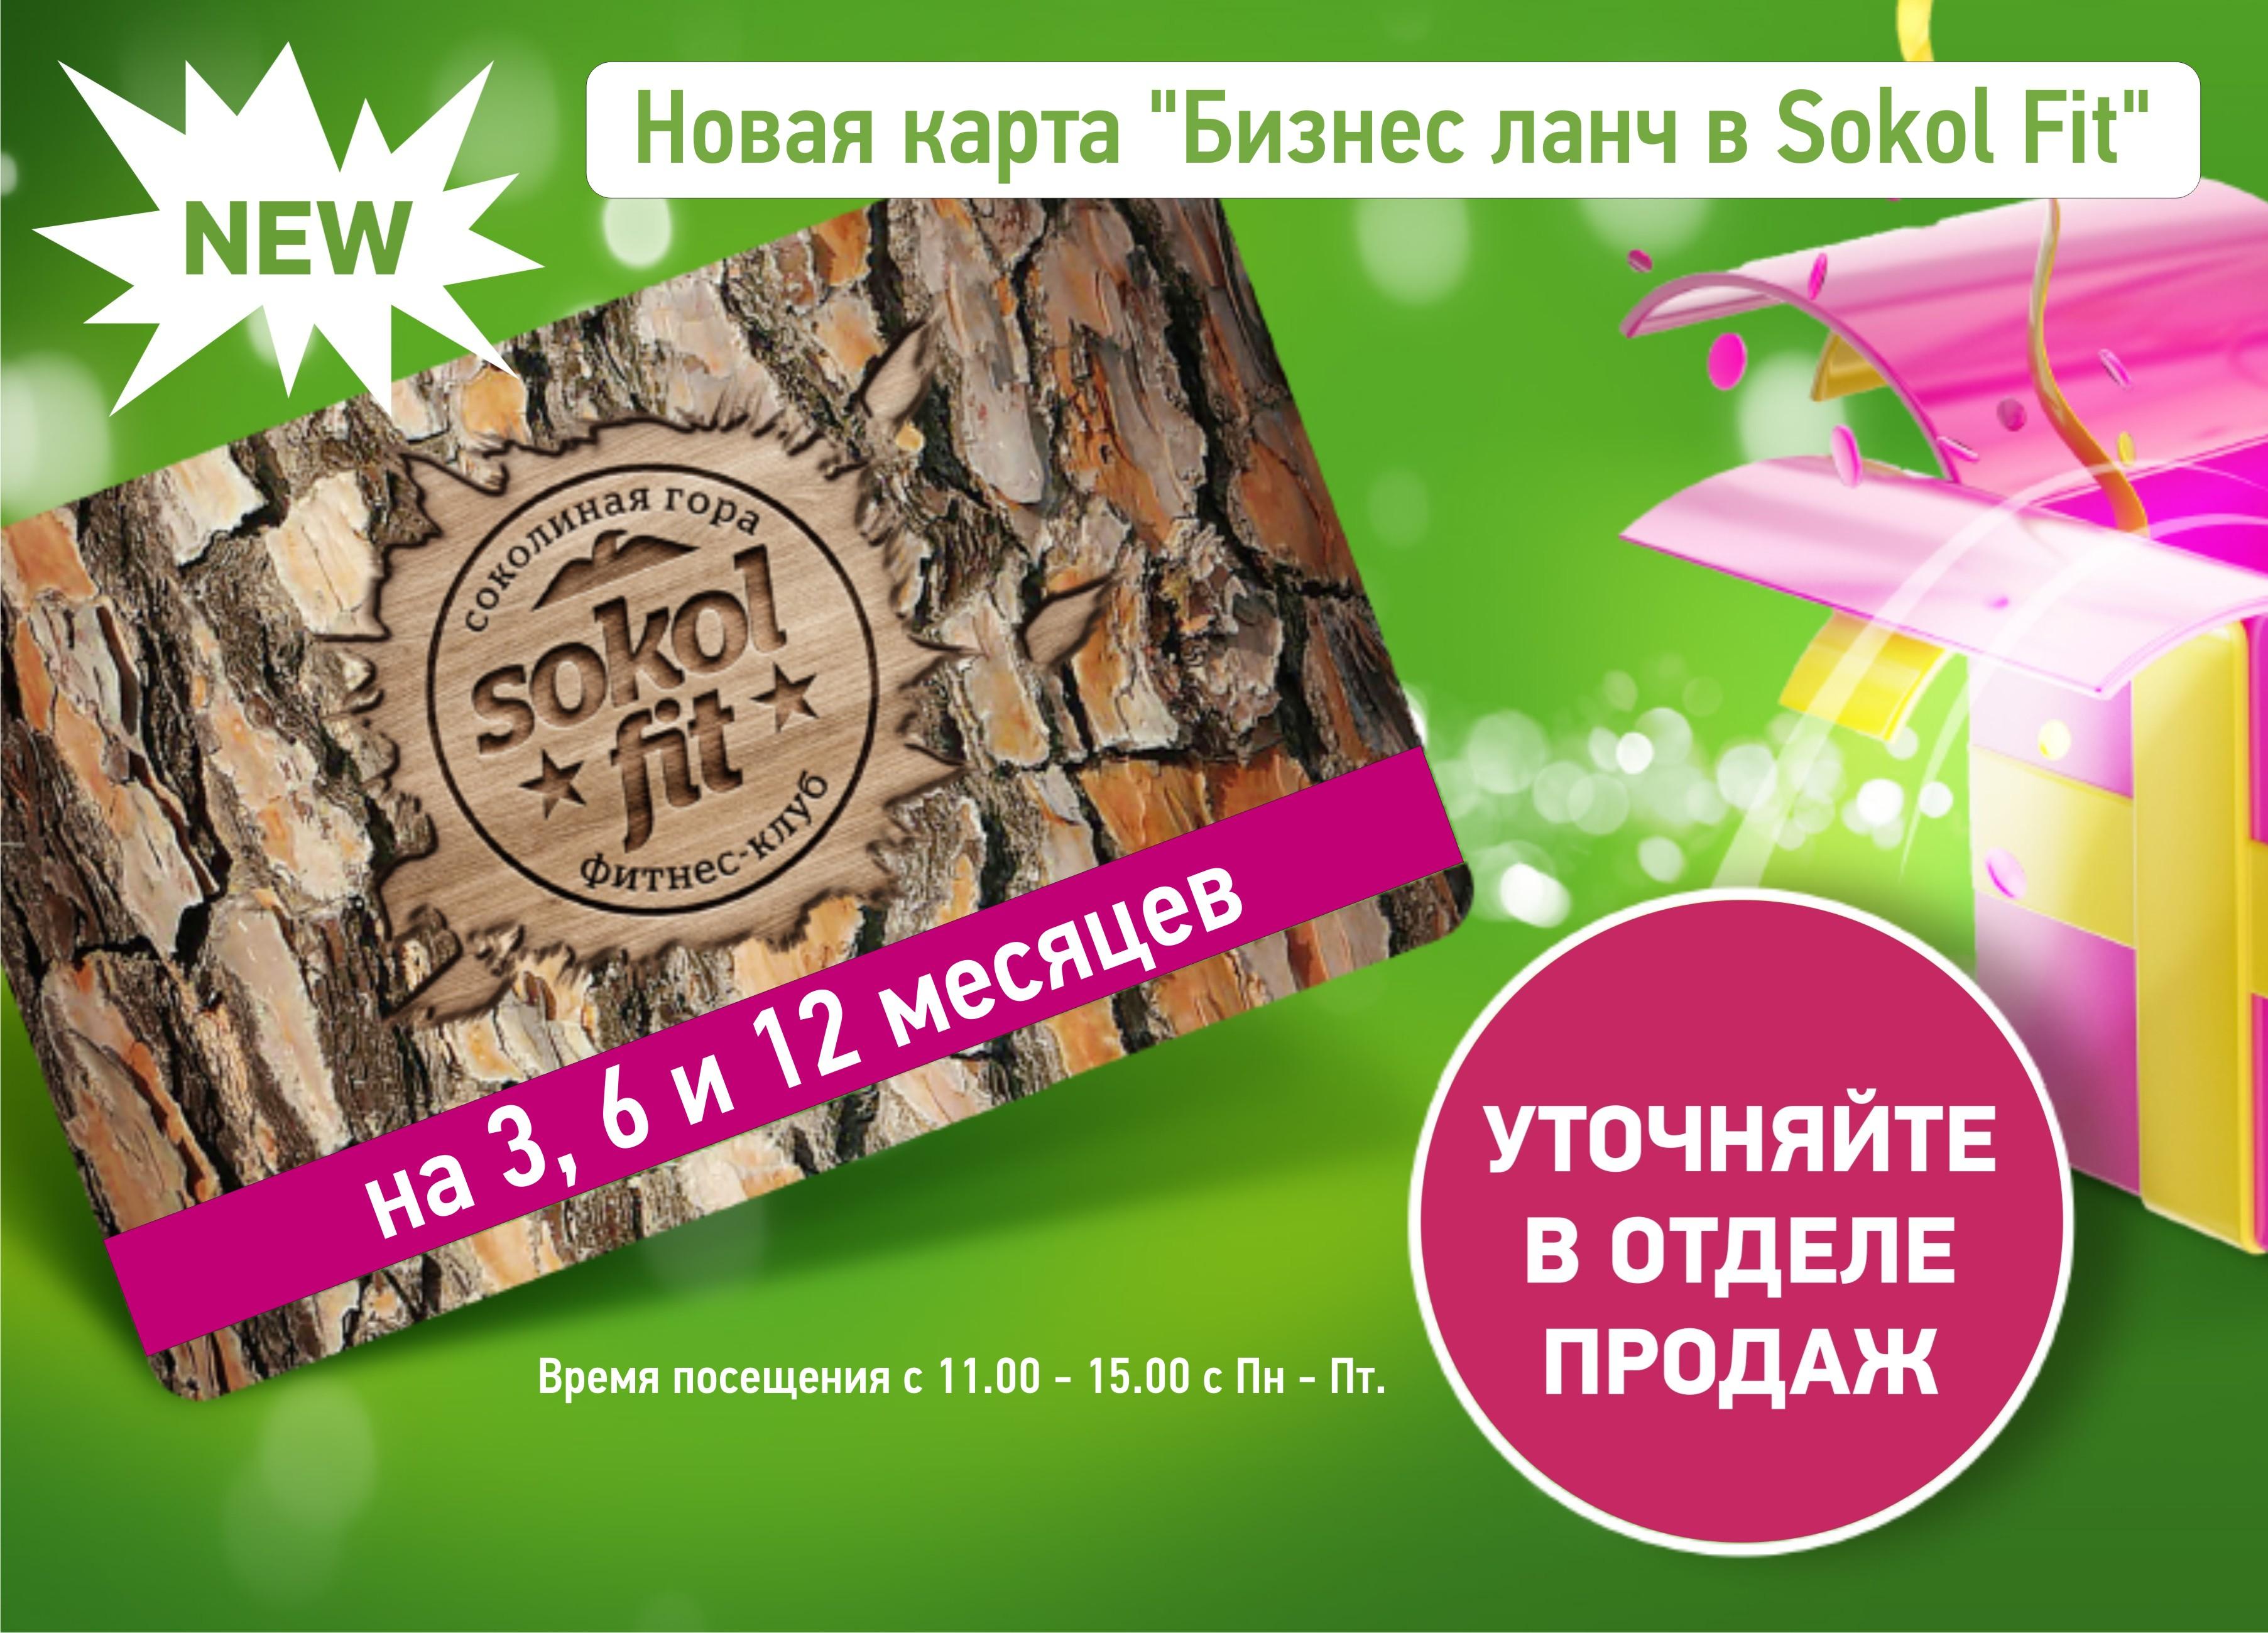 Бизнес-ланч в SokolFit